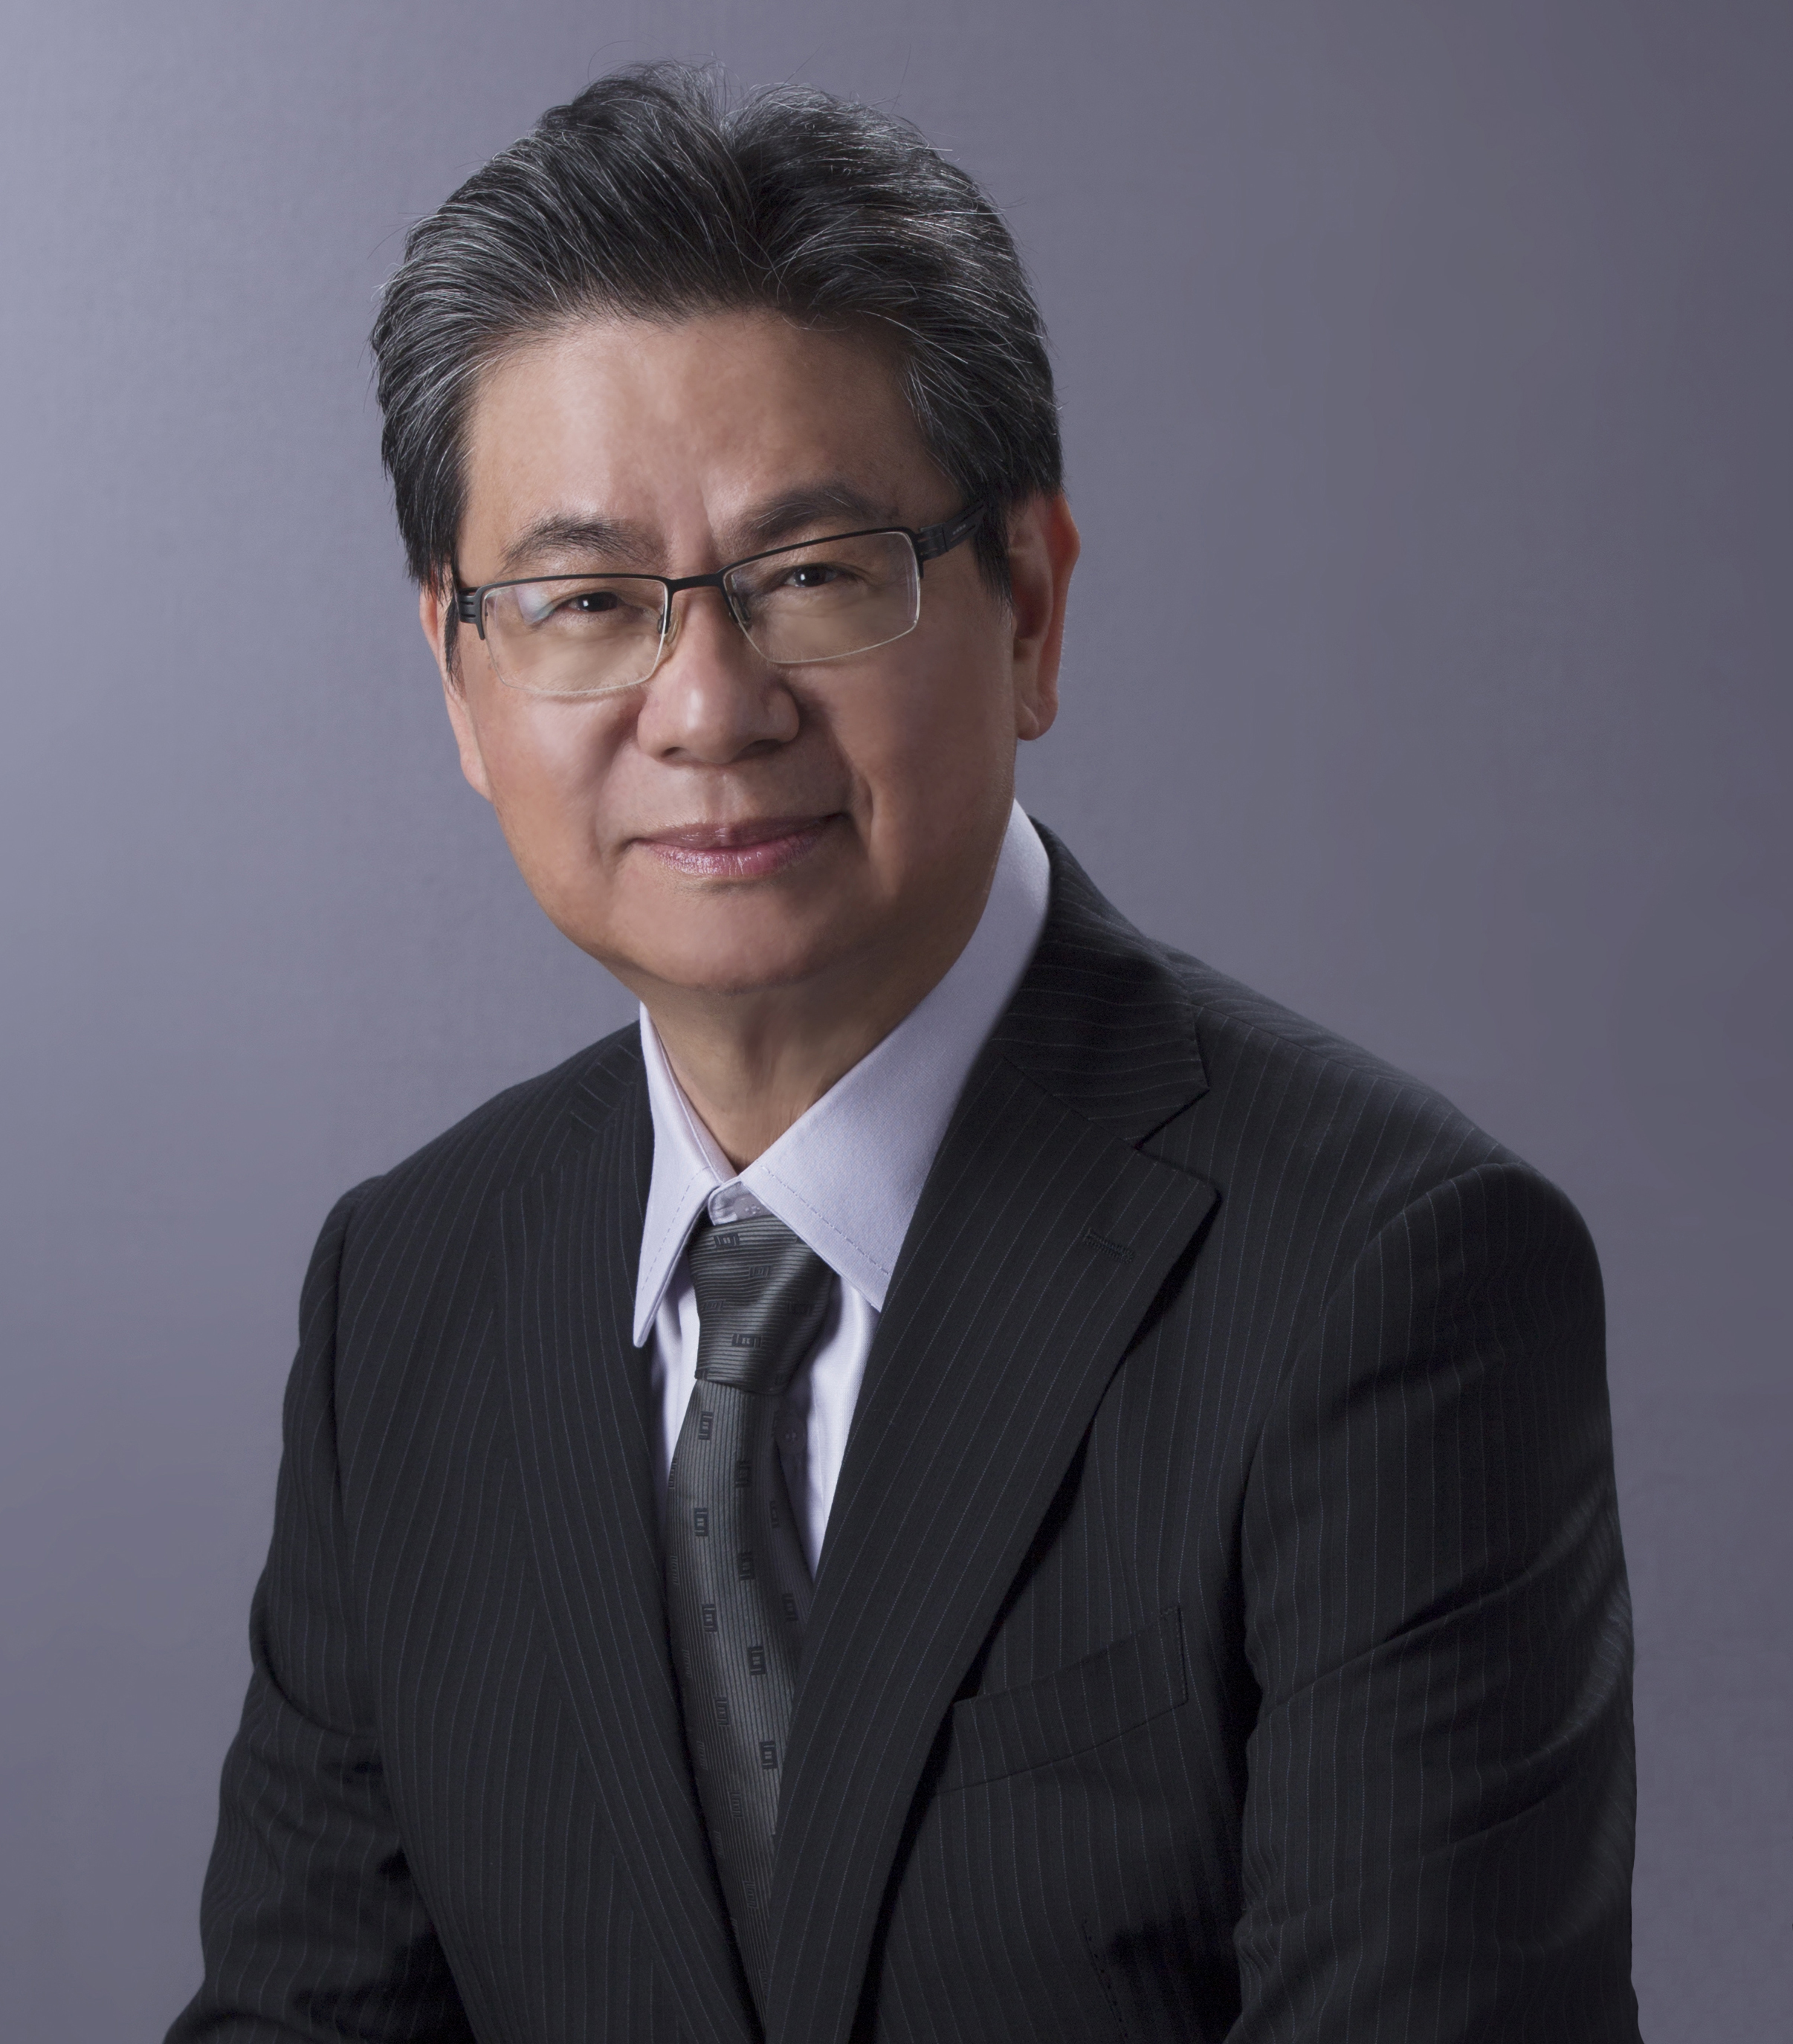 吳榮順主任照片.jpg